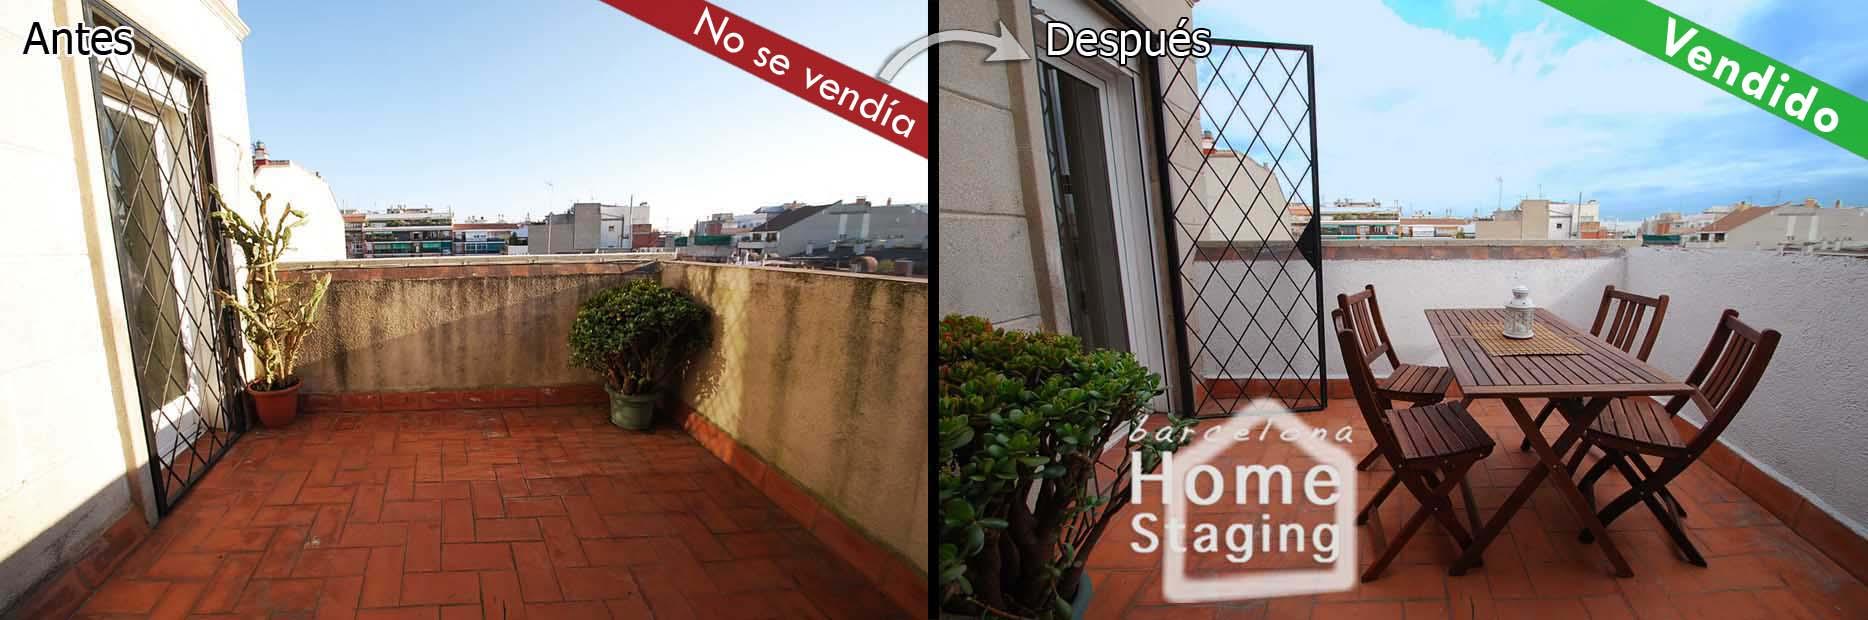 Piso feo piso bonito a la hora de venderlo no es lo mismo fotos idealista news - Como cerrar una terraza barato ...